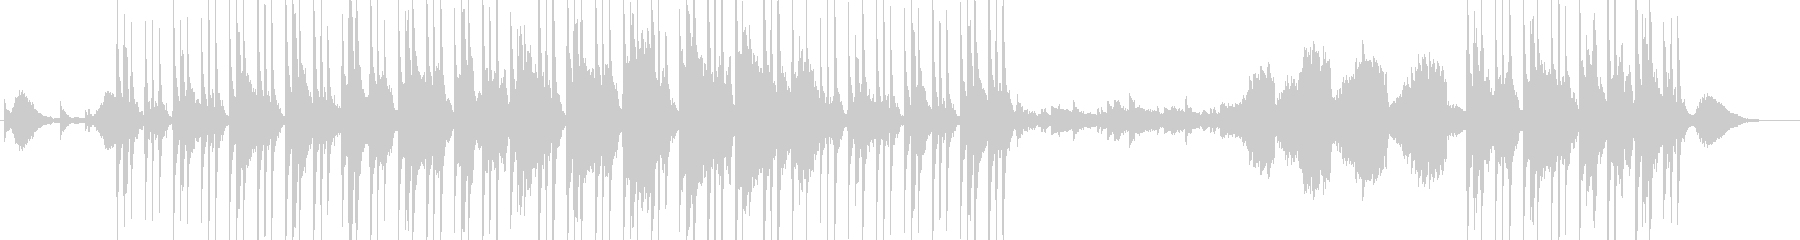 鉄琴の綺麗な音とゆったりとしたバラード系の未再生の波形